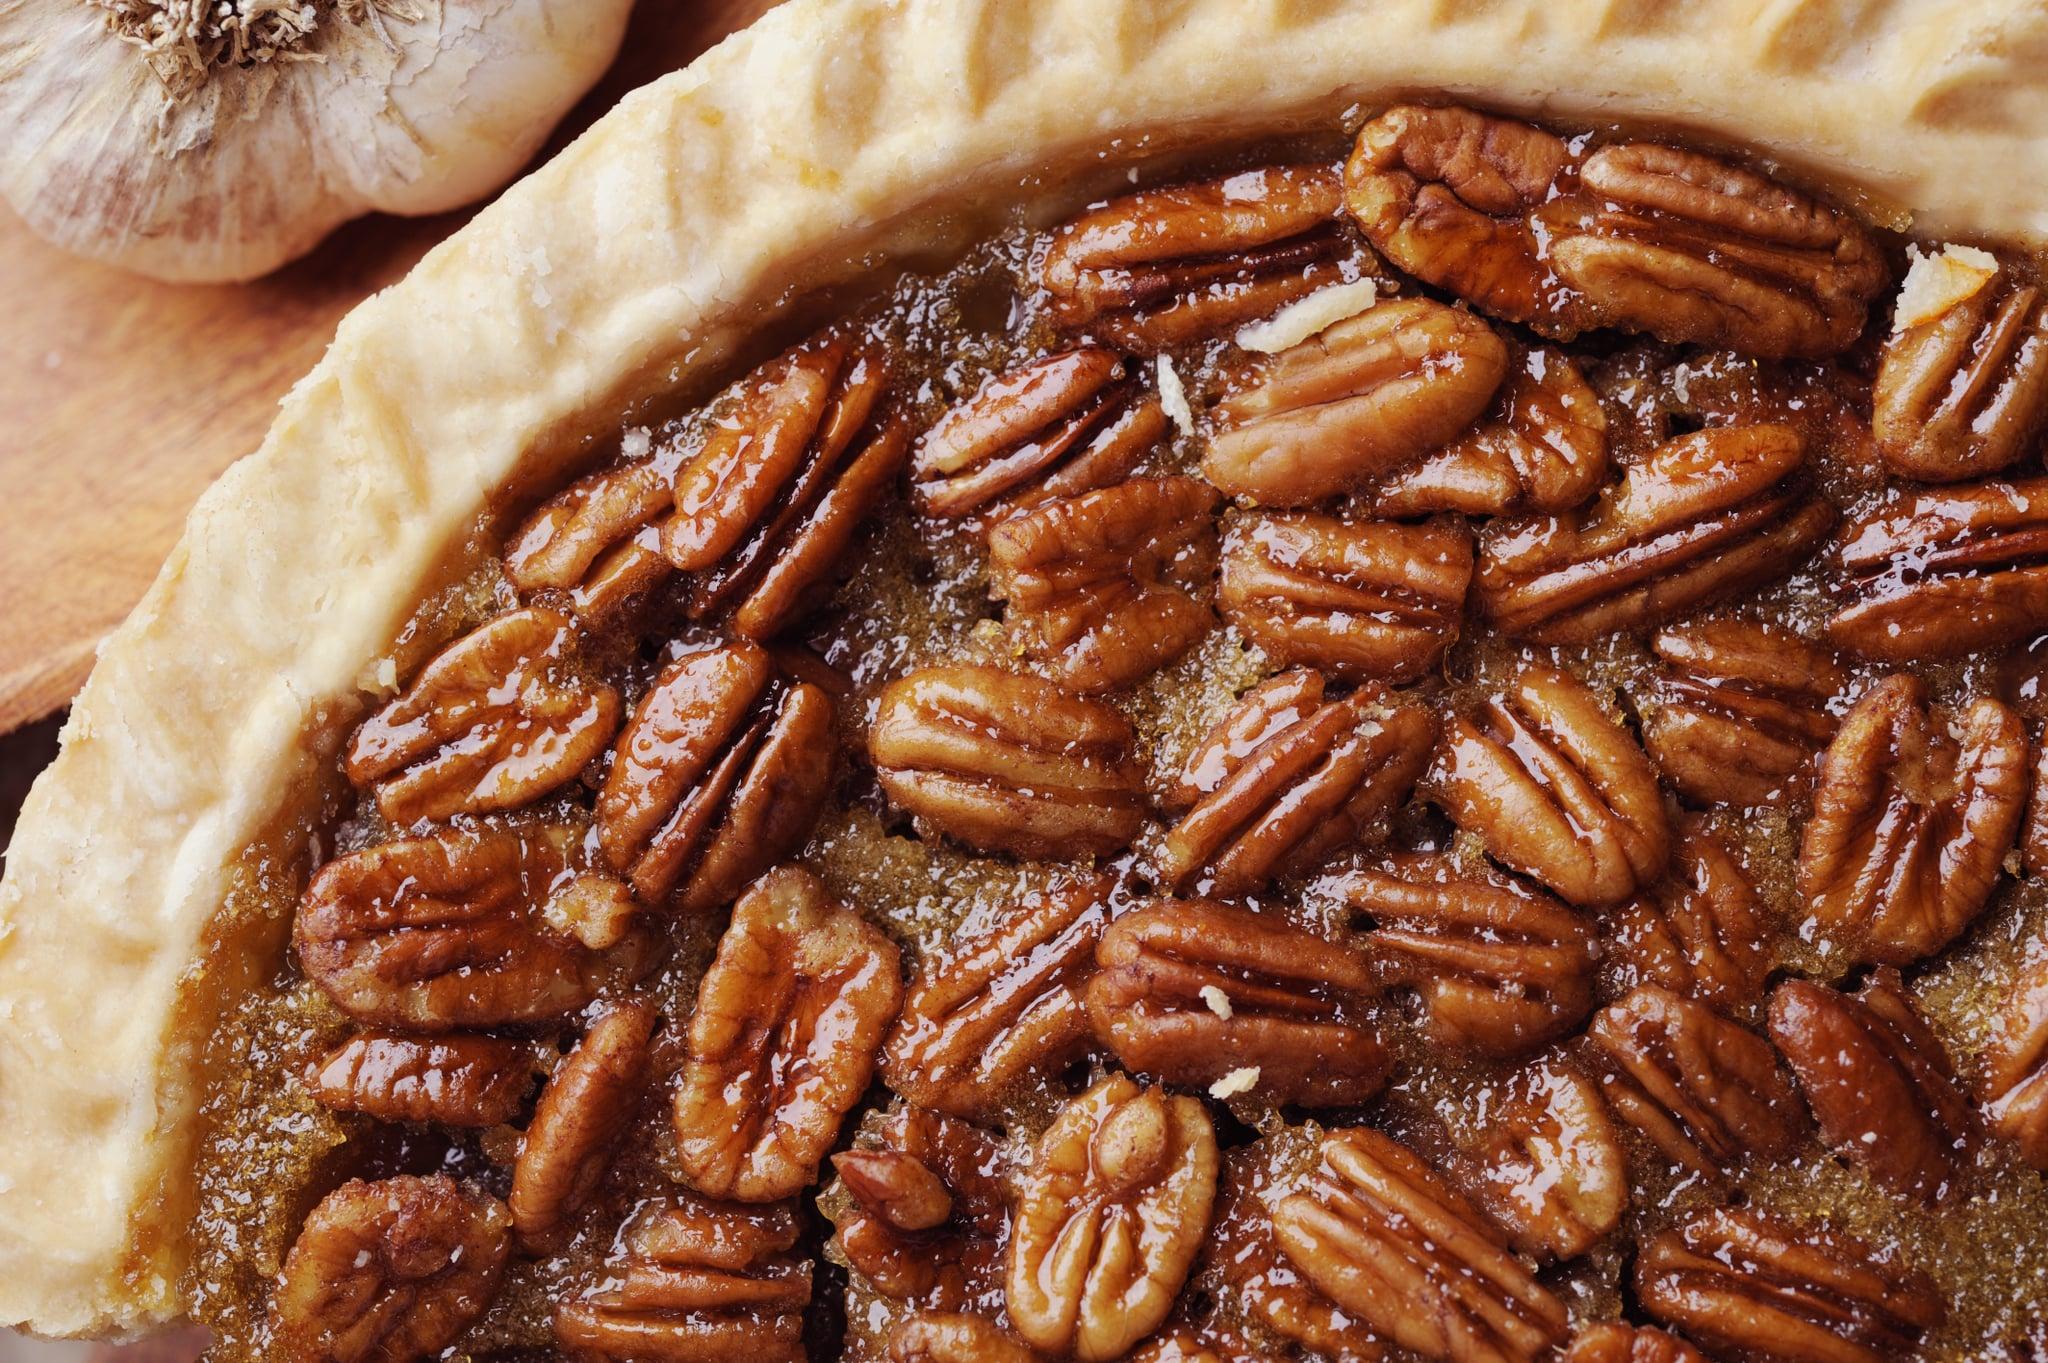 Close up of Pecan Pie